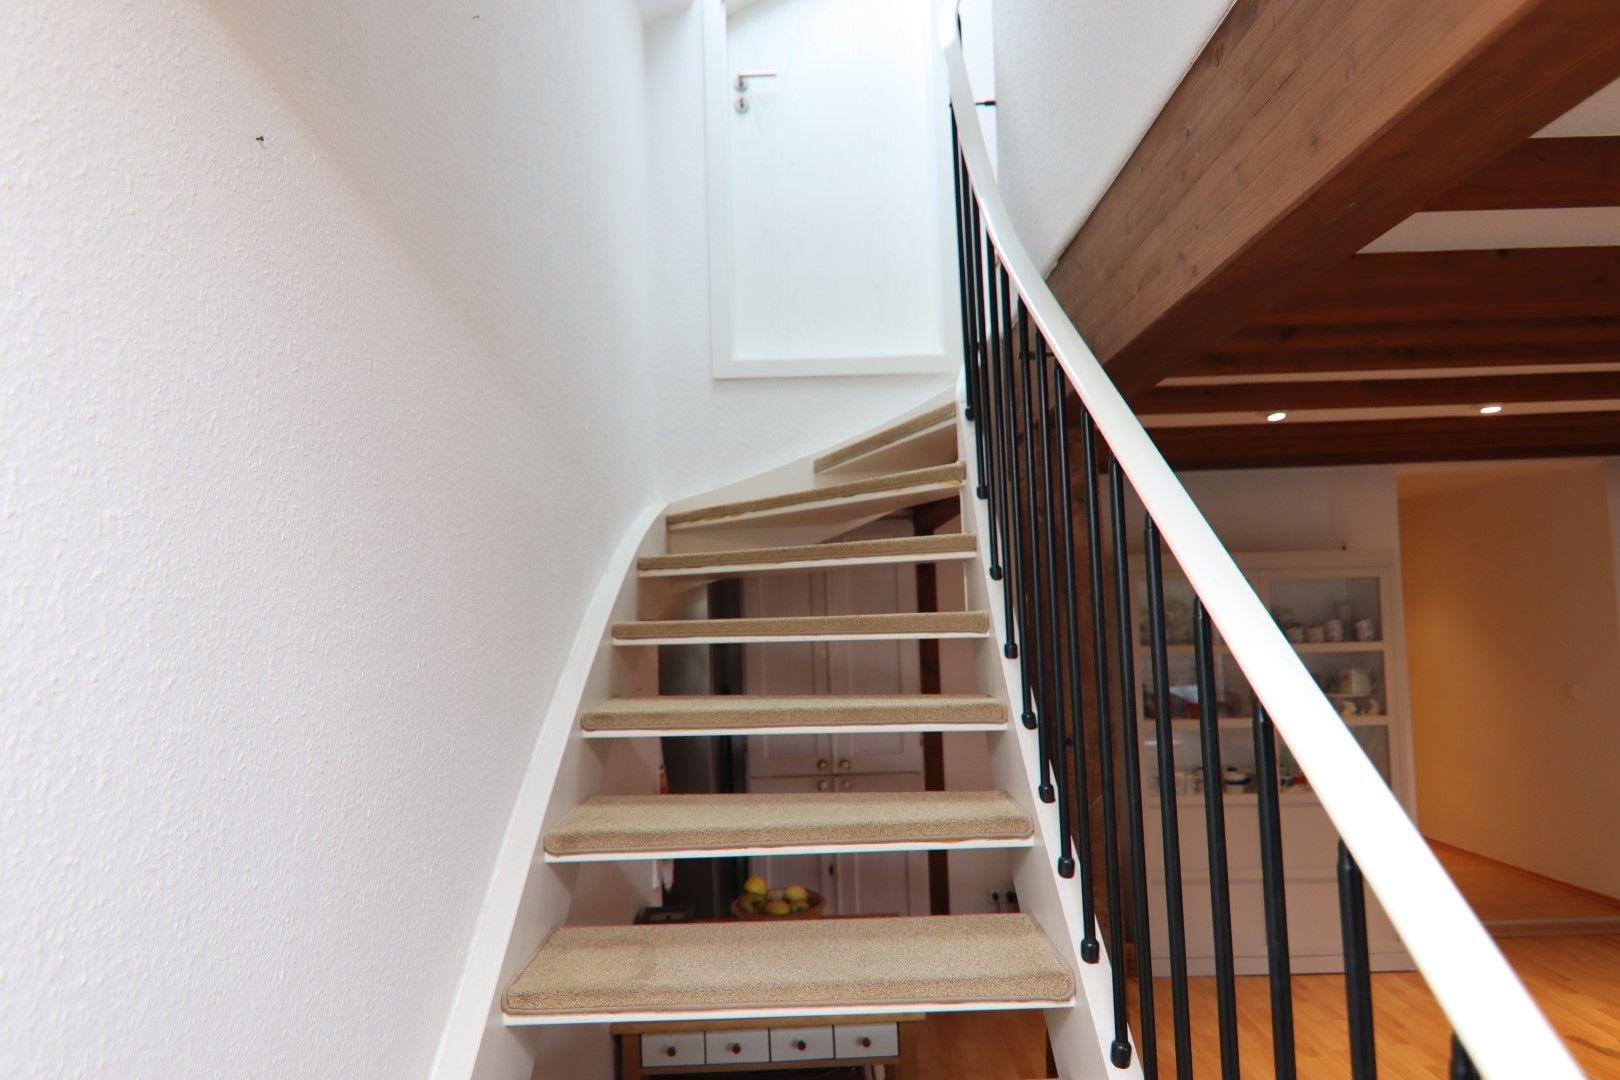 Immobilie Nr.0291 - 4-Raum-Wohnung, 2 Bäder mit Balkon u. Stpl. - Bild 10.jpg